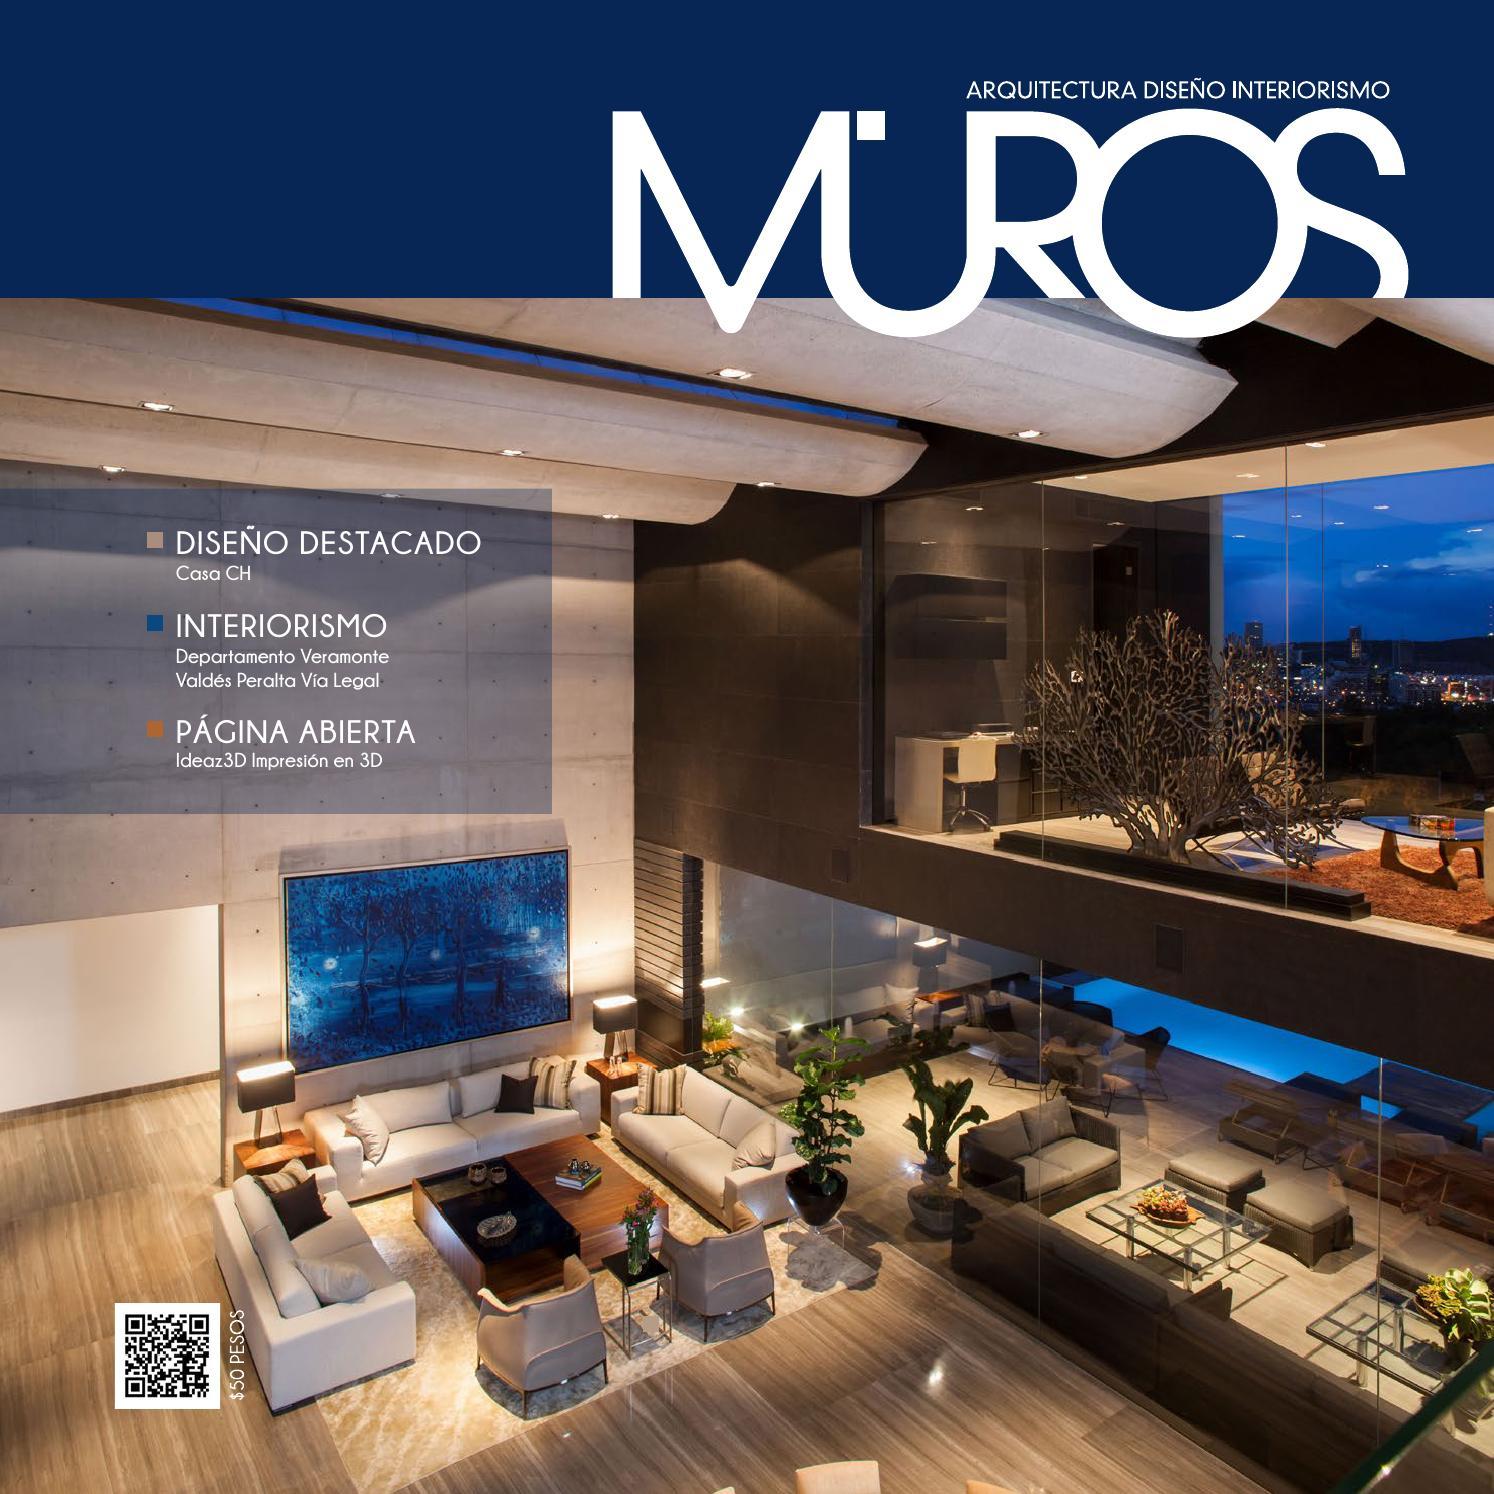 Edici n 8 revista muros arquitectura dise o interiorismo by revista muros la definici n de - Arquitectura y diseno ...